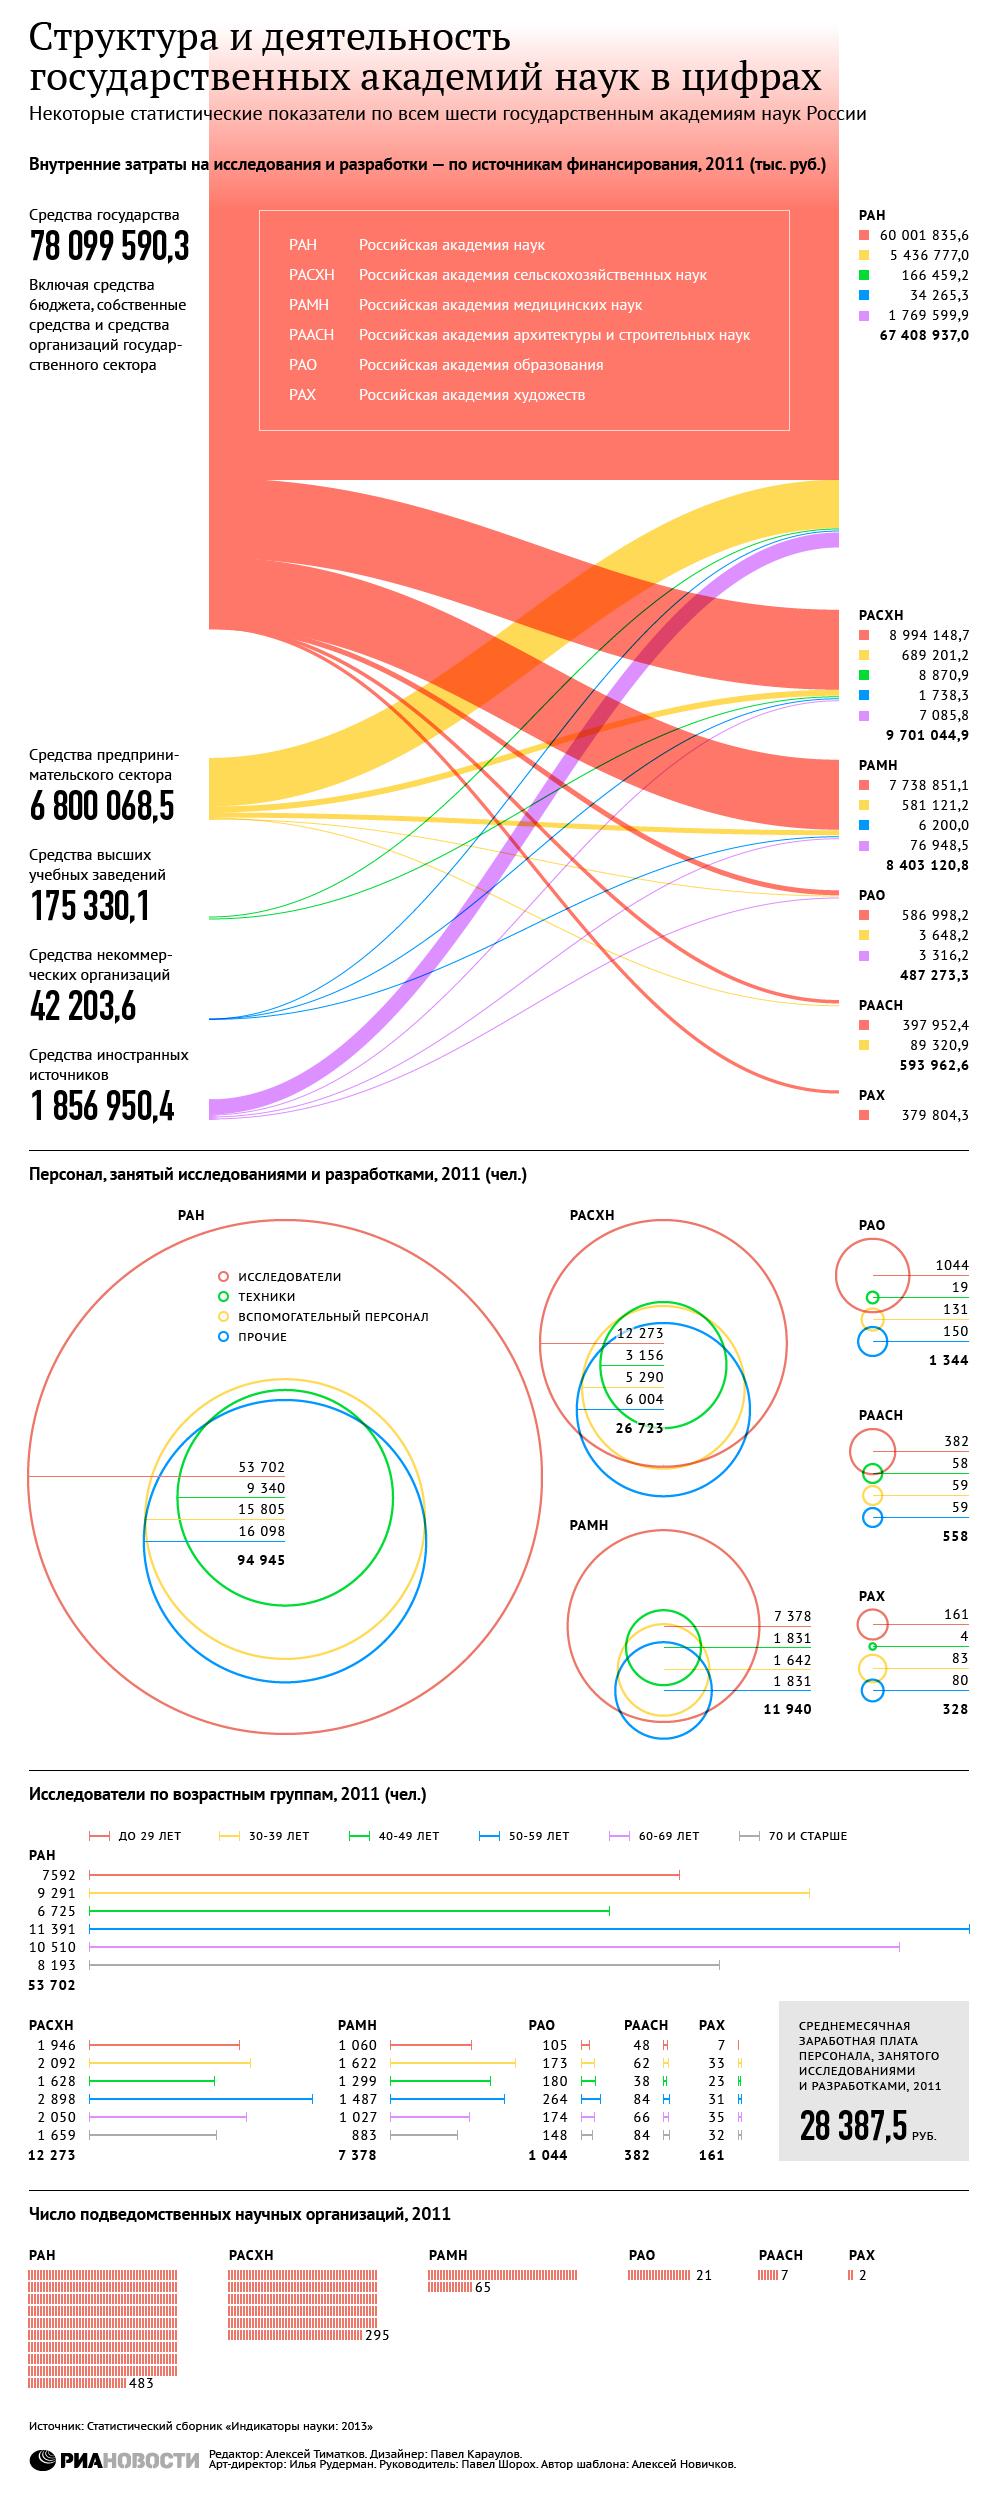 Структура и деятельность государственных академий наук в цифрах